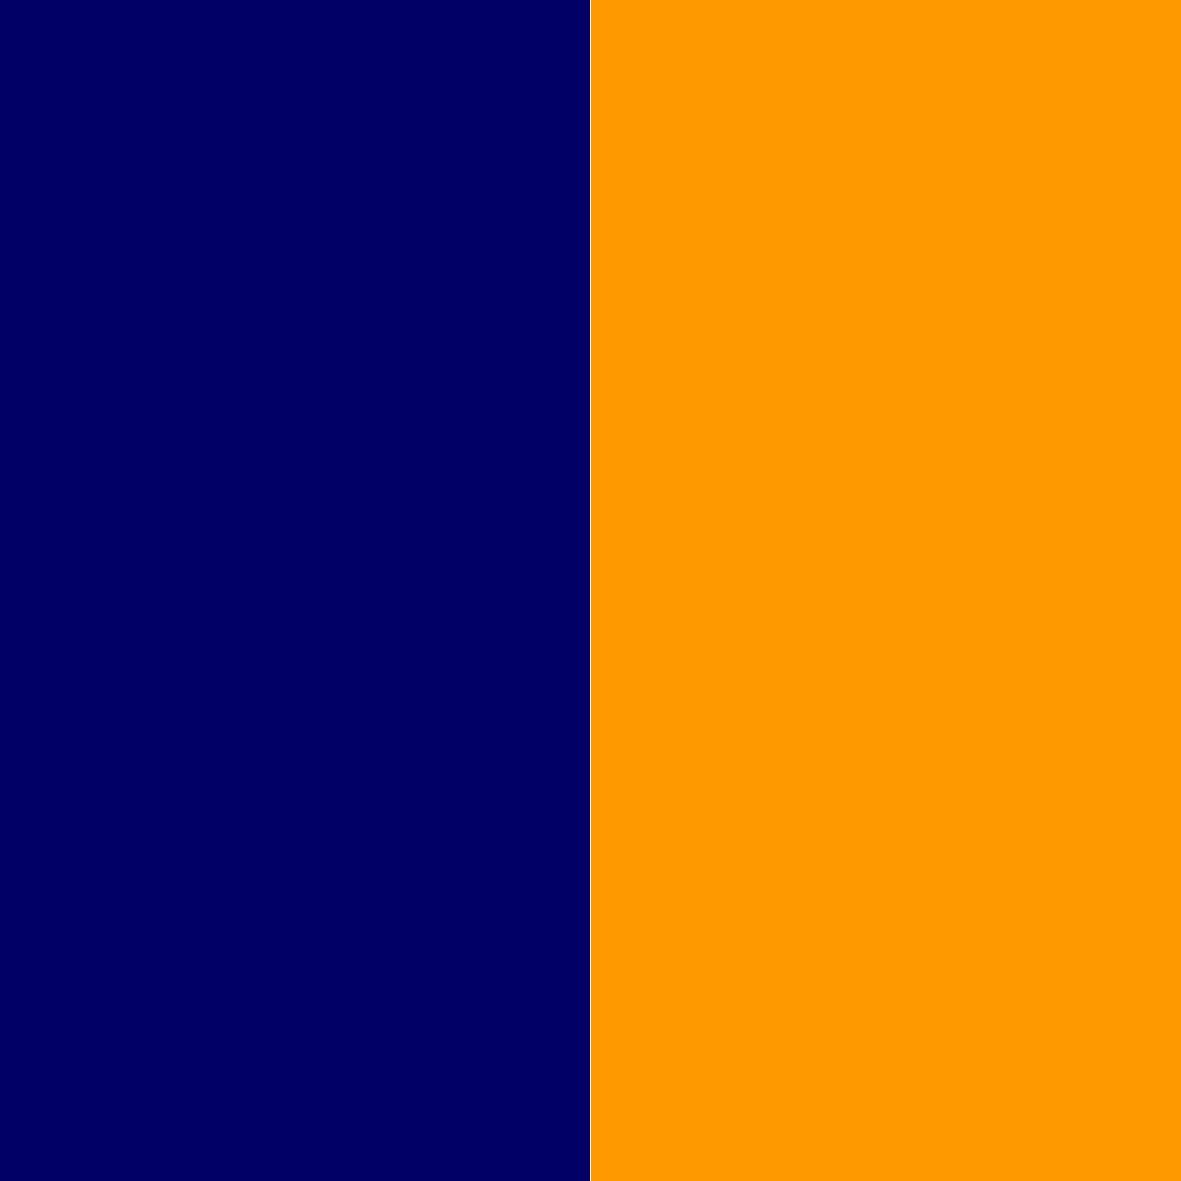 темно-синий/оранжевый_000066/FF9900